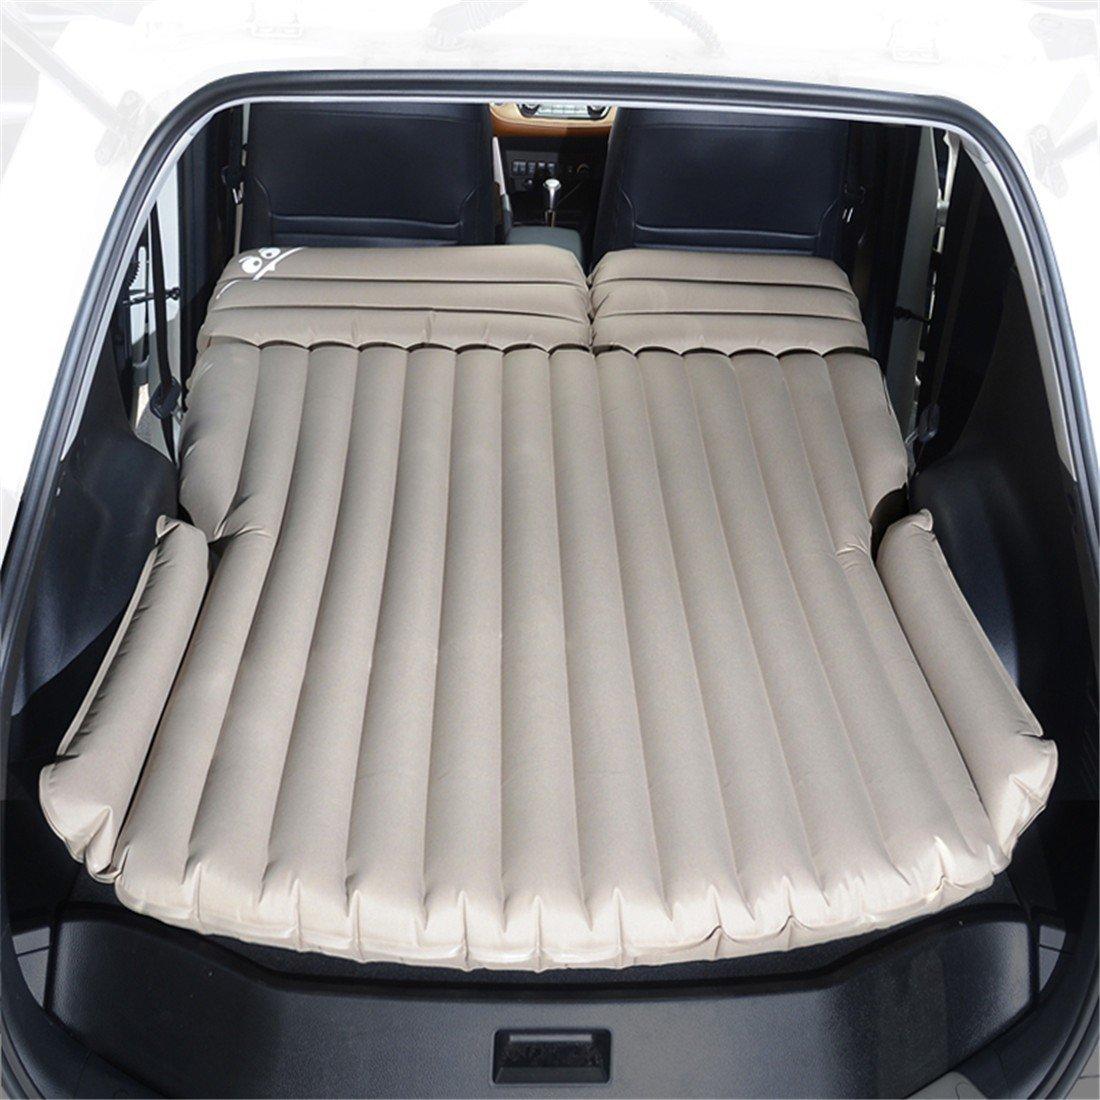 STAZSX SUV Auto Bett Auto Erwachsenen Schlafwagen Auto Reisebett, Oxford Tuch khaki-135x78CM